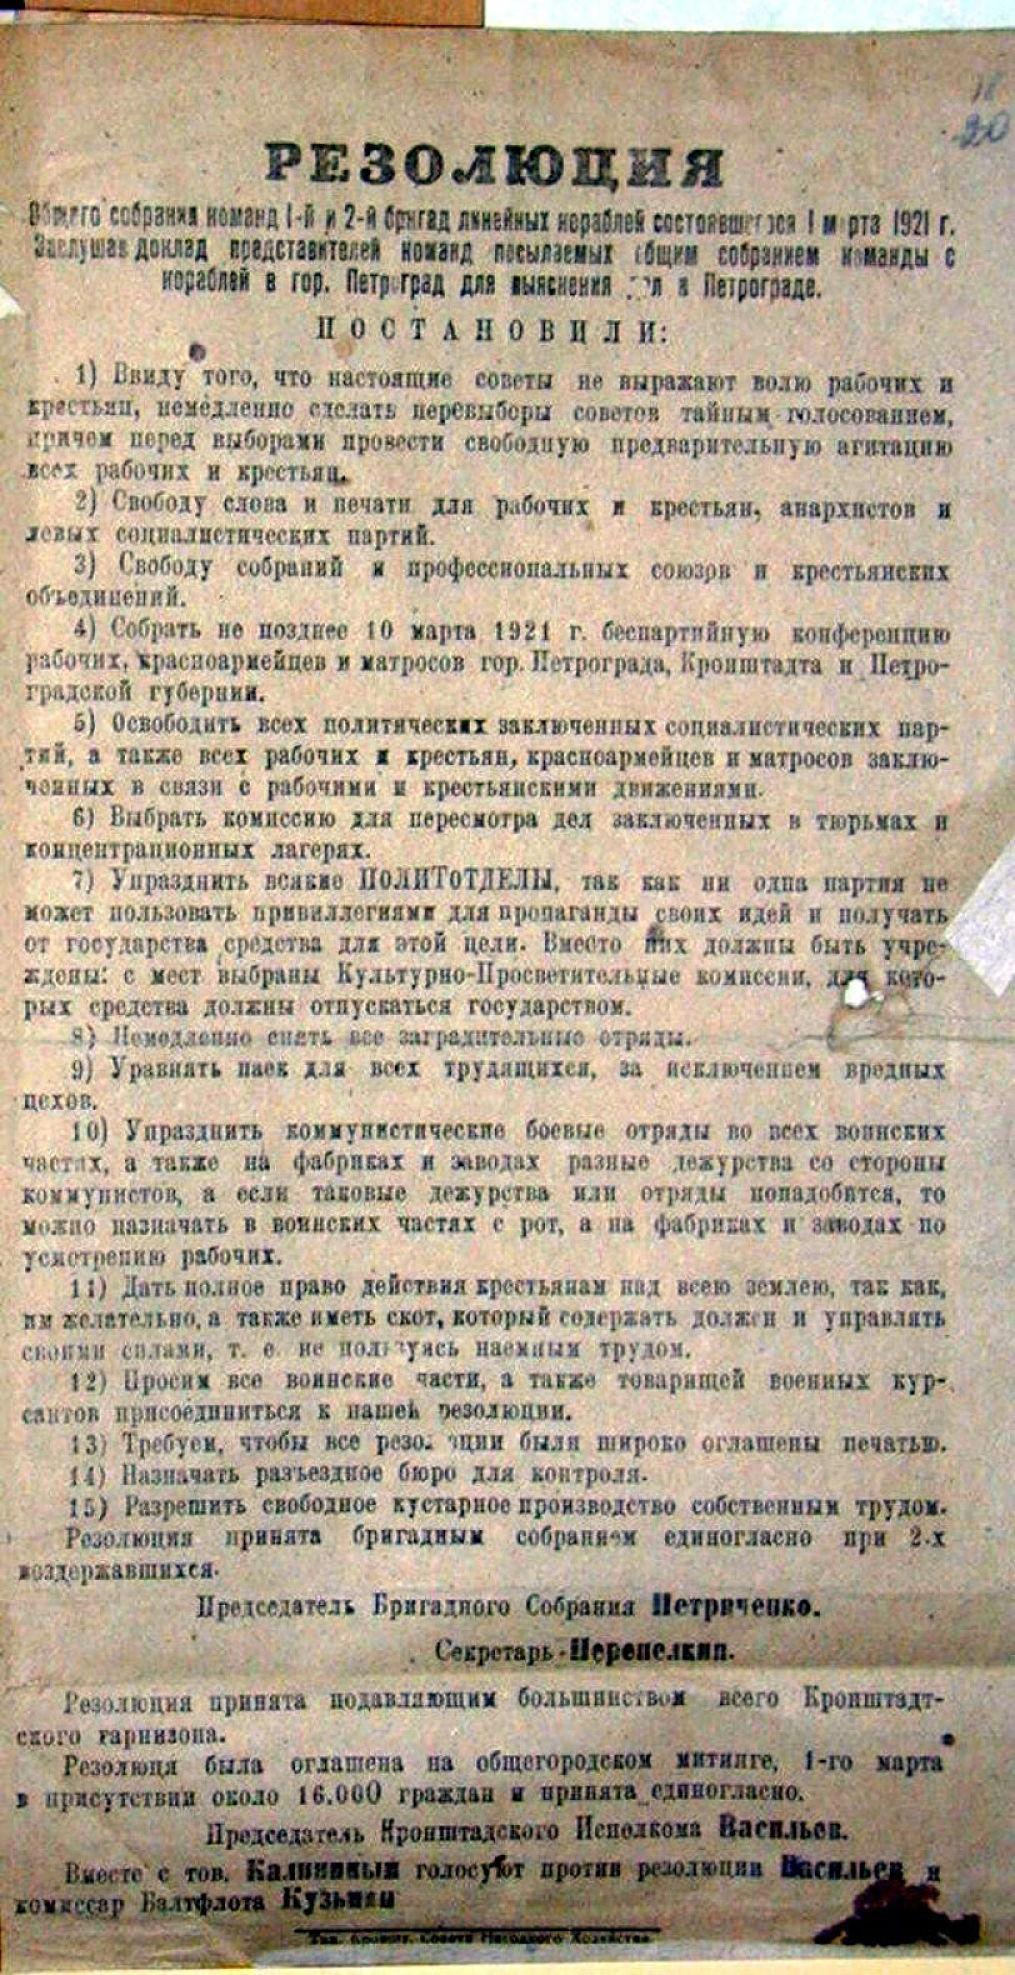 Резолюция восставших моряков, подписанная Степаном Петриченко.